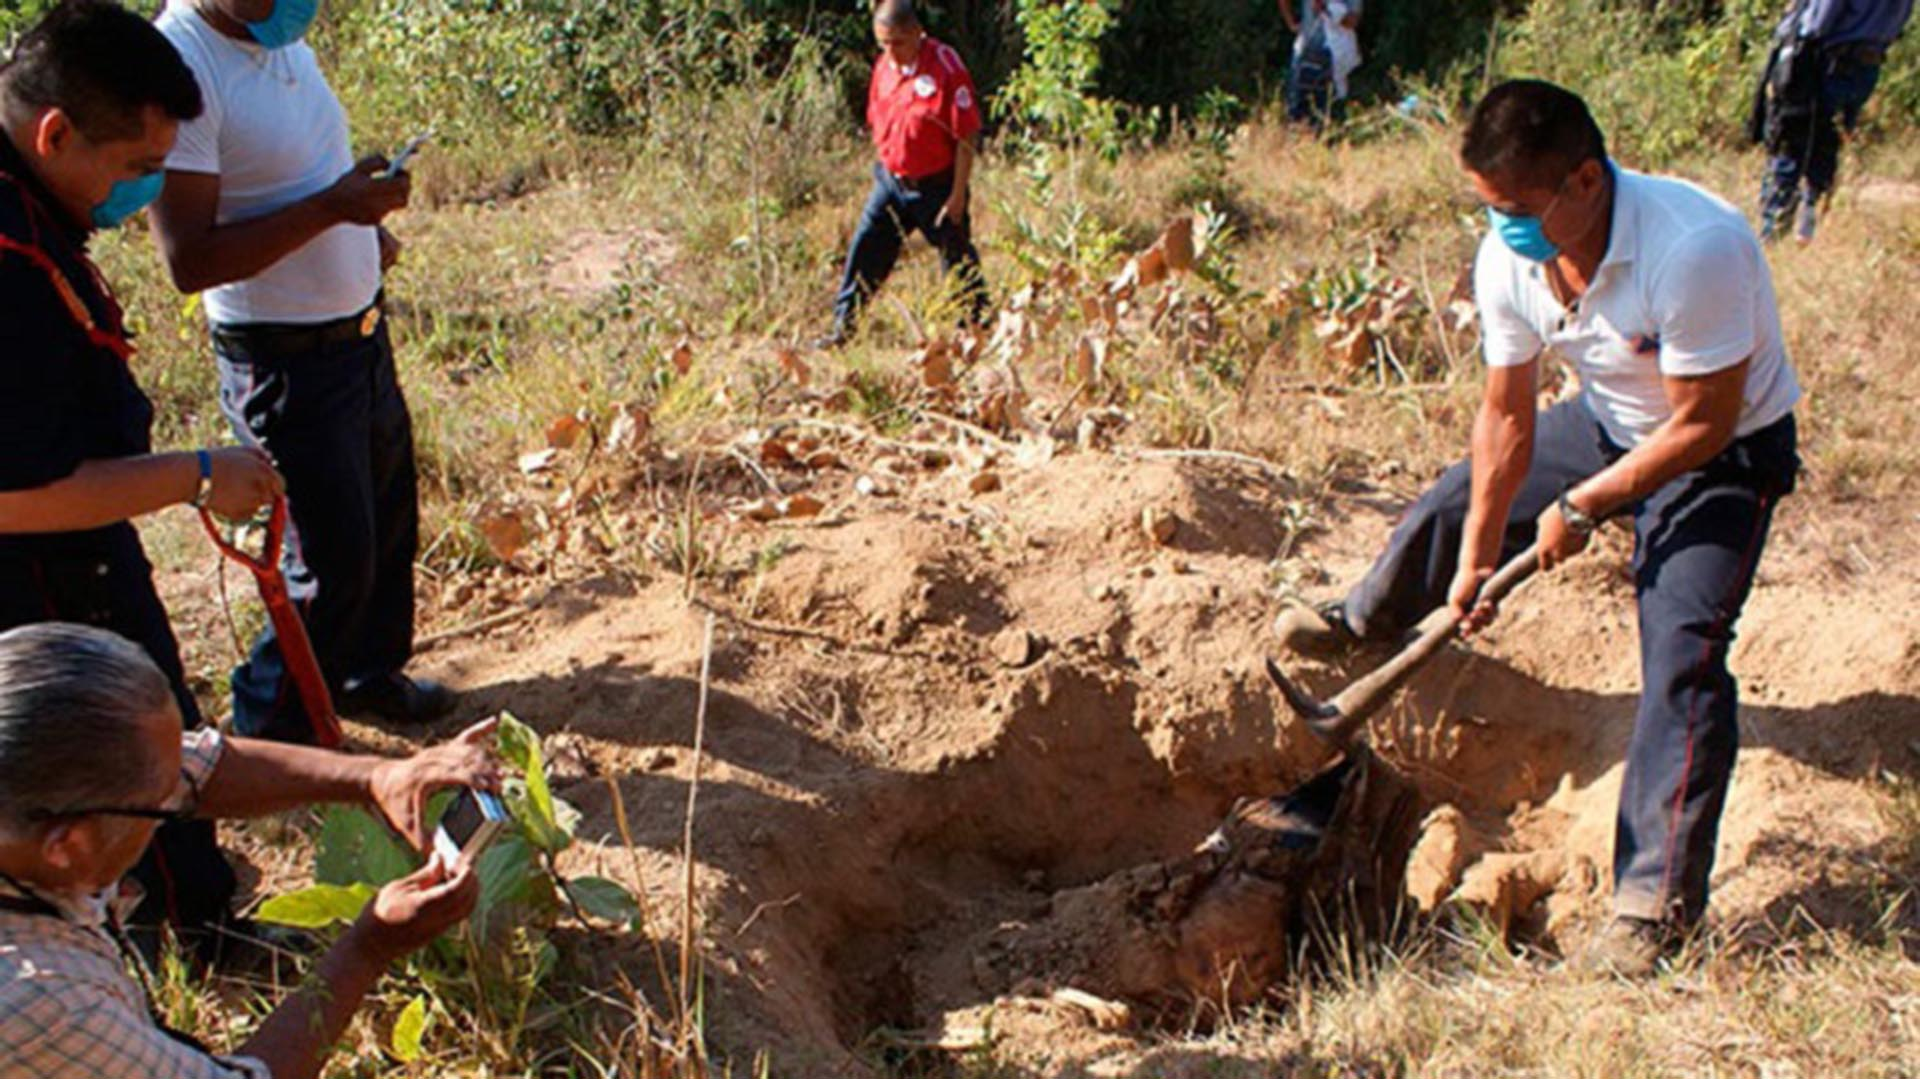 Colectivos de familiares de desaparecidos buscarán la justicia en organismos internacionales. (Foto: Archivo)